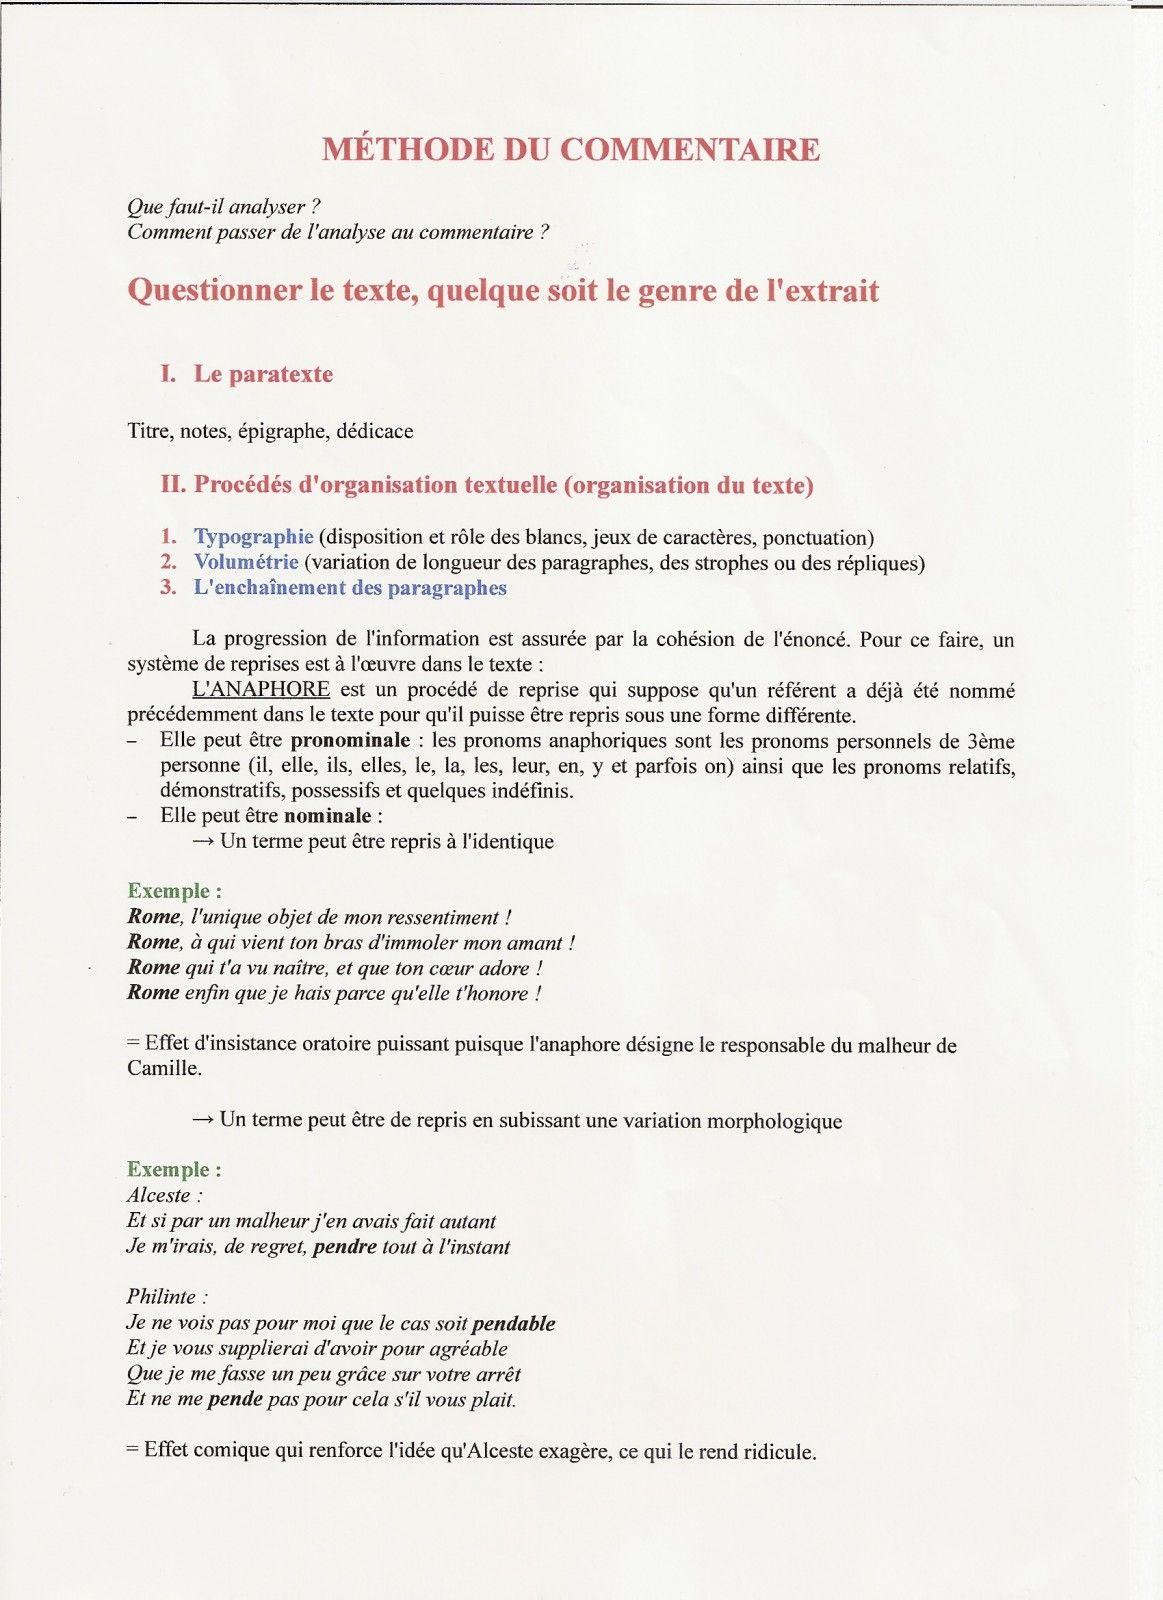 La Vraie Methode Du Commentaire Le Blog De Alexis Bac De Francais Bac Francais Oral Revision Bac Francais